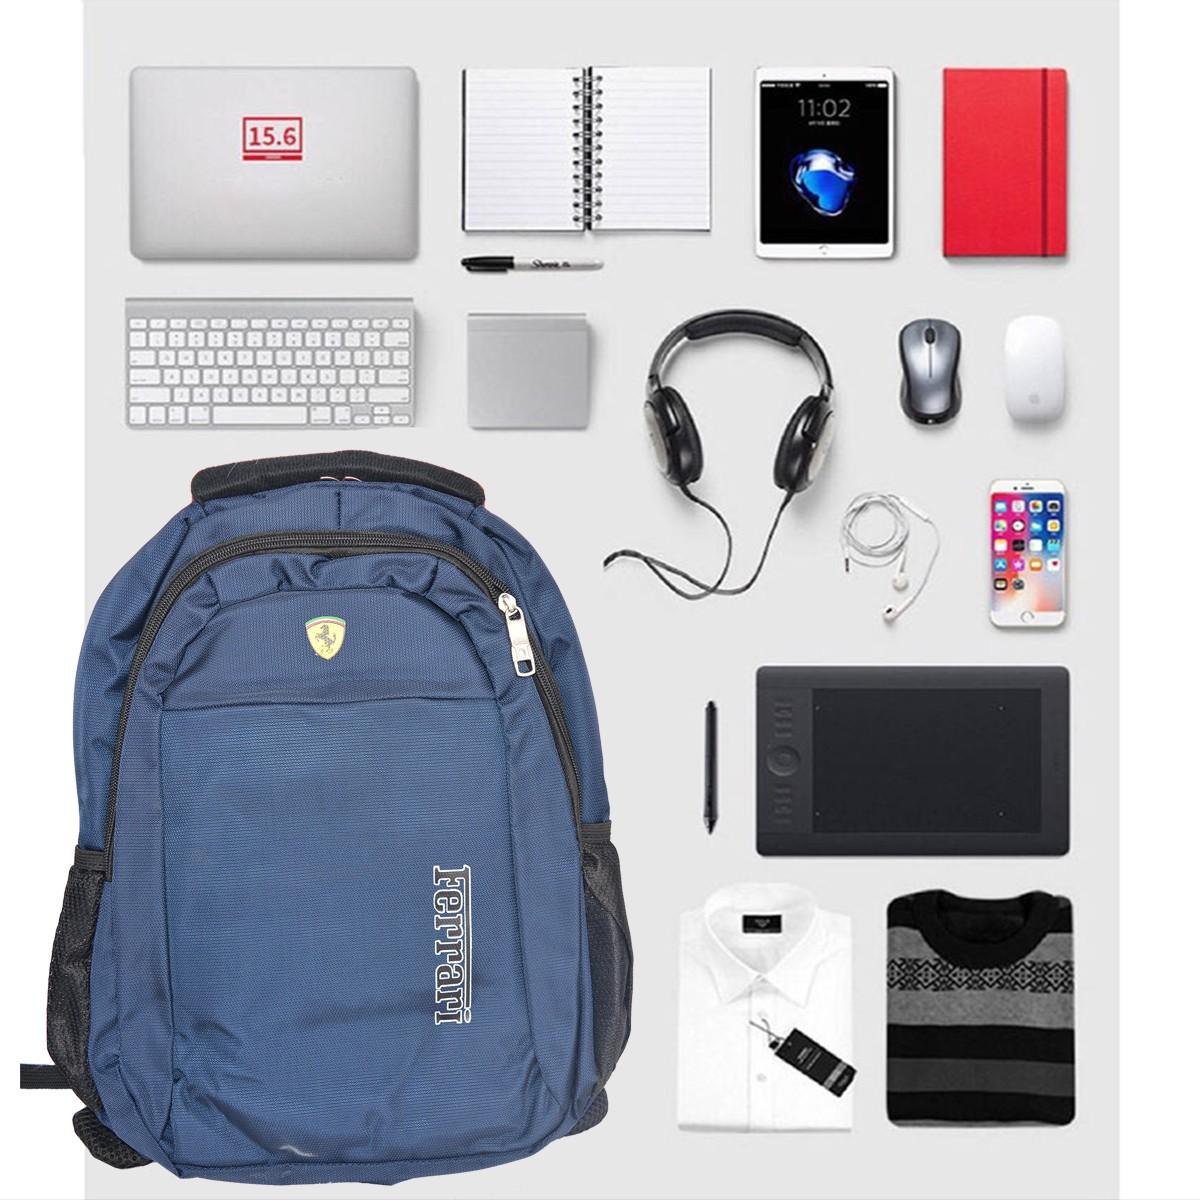 Balo Đa Năng đựng Sách-Laptop-Dụng Cụ Cá Nhân BL29